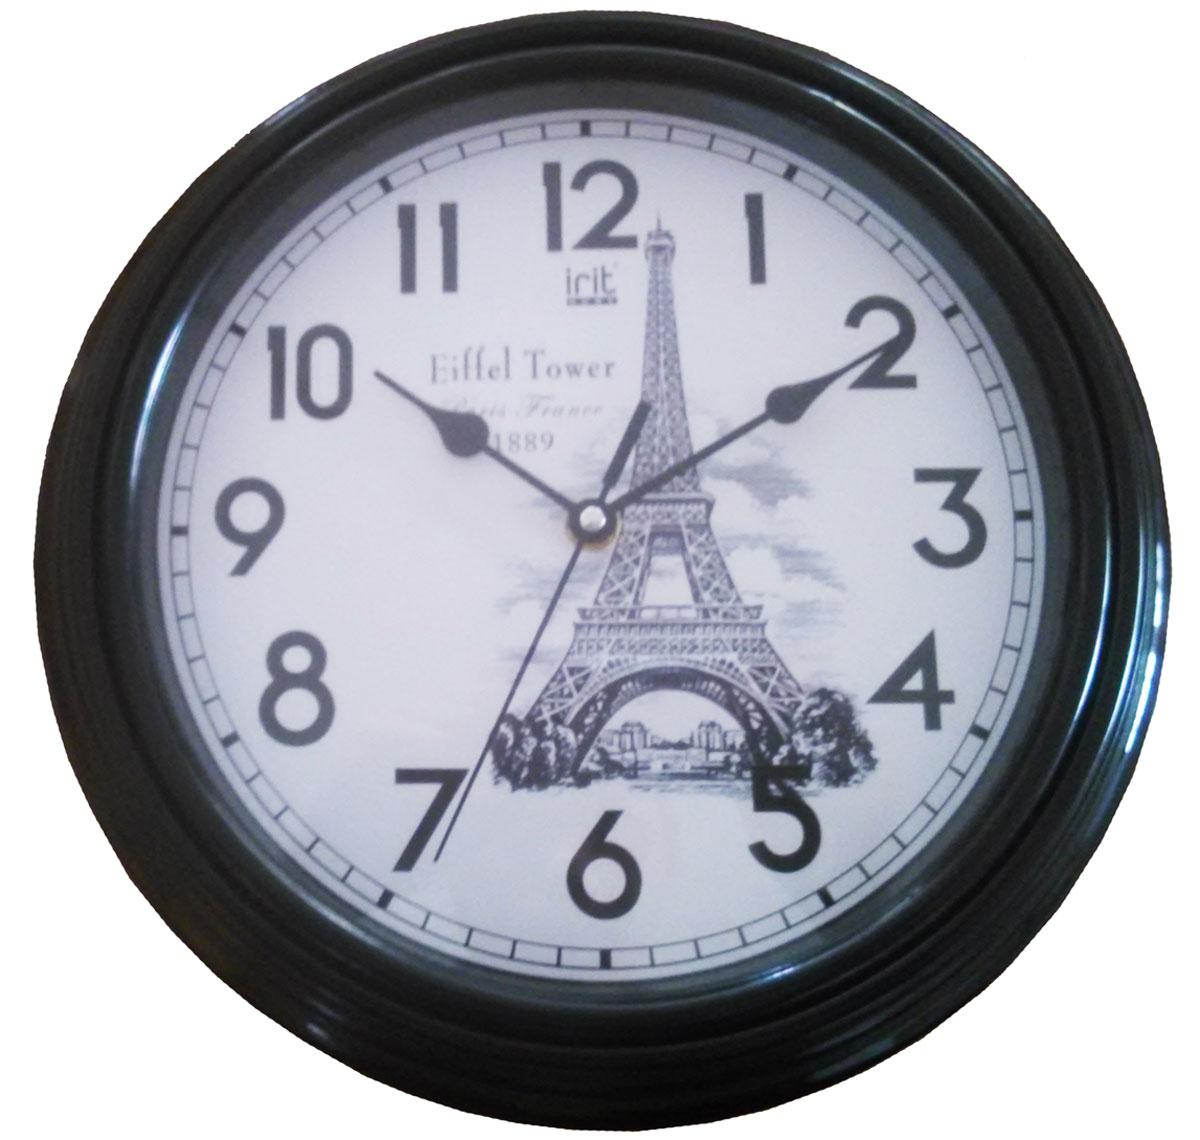 Irit IR-619 настенные часы79 02010Настенные часы Irit IR-619 - это элегантный и неотъемлемый элемент дизайна любого помещения. Корпус кварцевых часов выполнен из качественного пластика, который гарантирует не только их легкость, но и практичность, легкий монтаж и уход. Циферблат данной модели оформлен стильным и красивым принтом. Диаметр часов: 30 см.